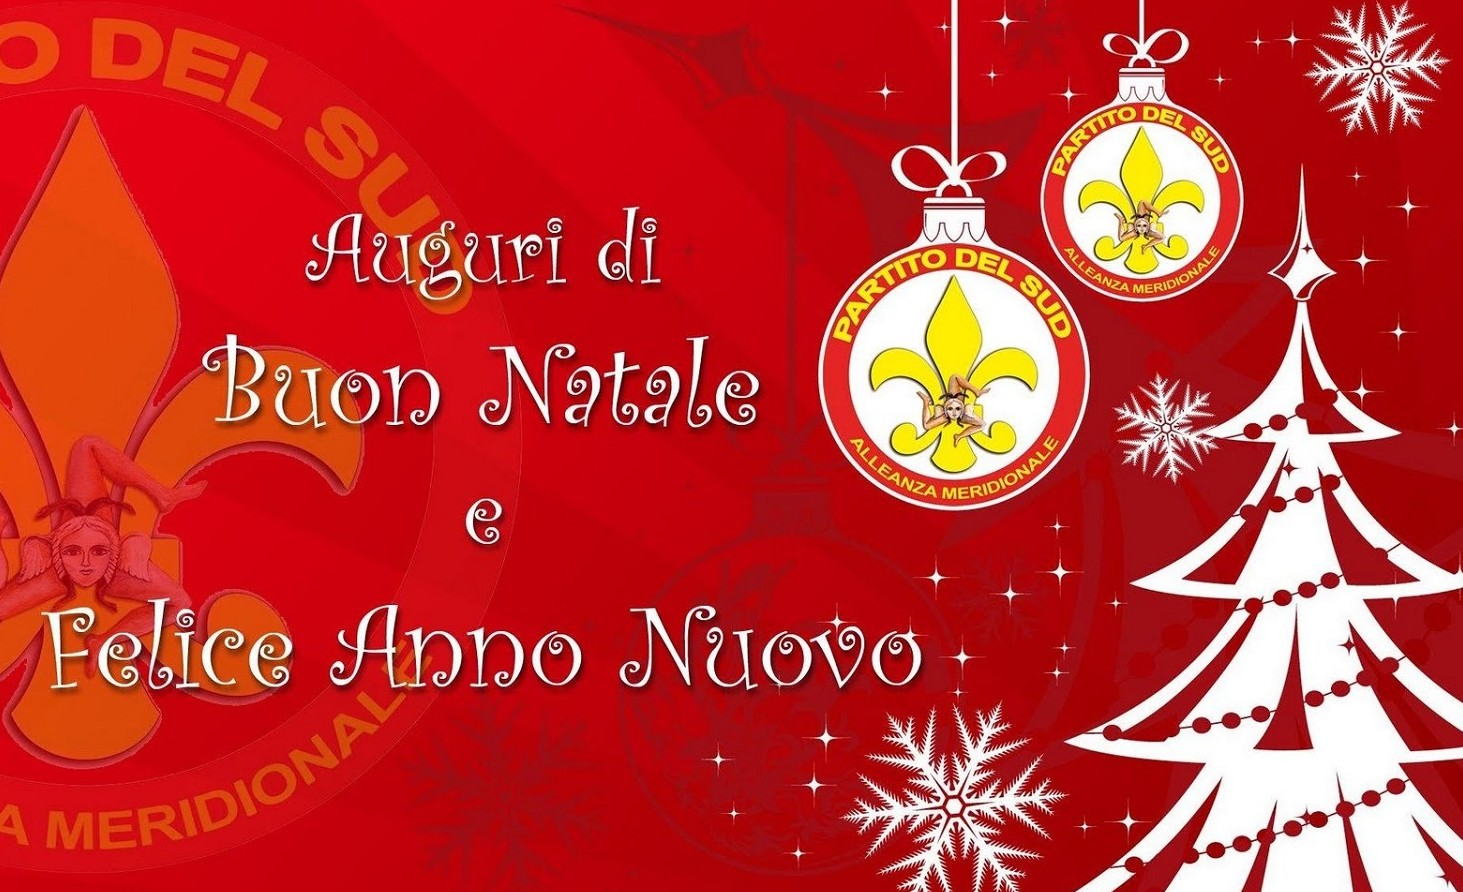 Auguri Di Buon Natale 2021 Video.Cartoline Di Buon Anno Da Scaricare Gratis